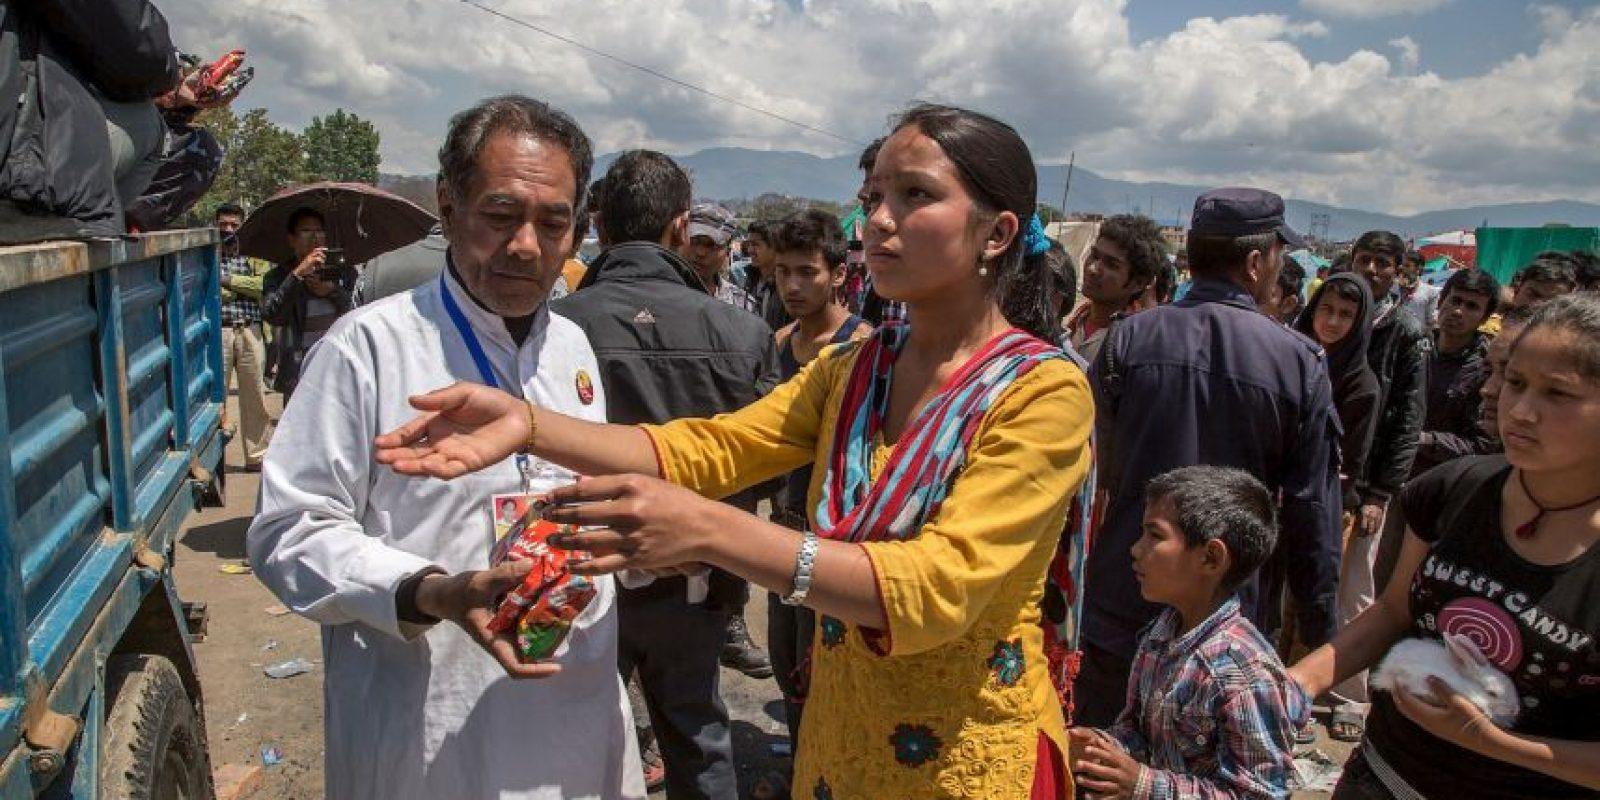 5. Dicho medio detalló que aún falta contabilizar las pérdidas humanas de las aldeas remotas de Nepal. Foto:Getty Images